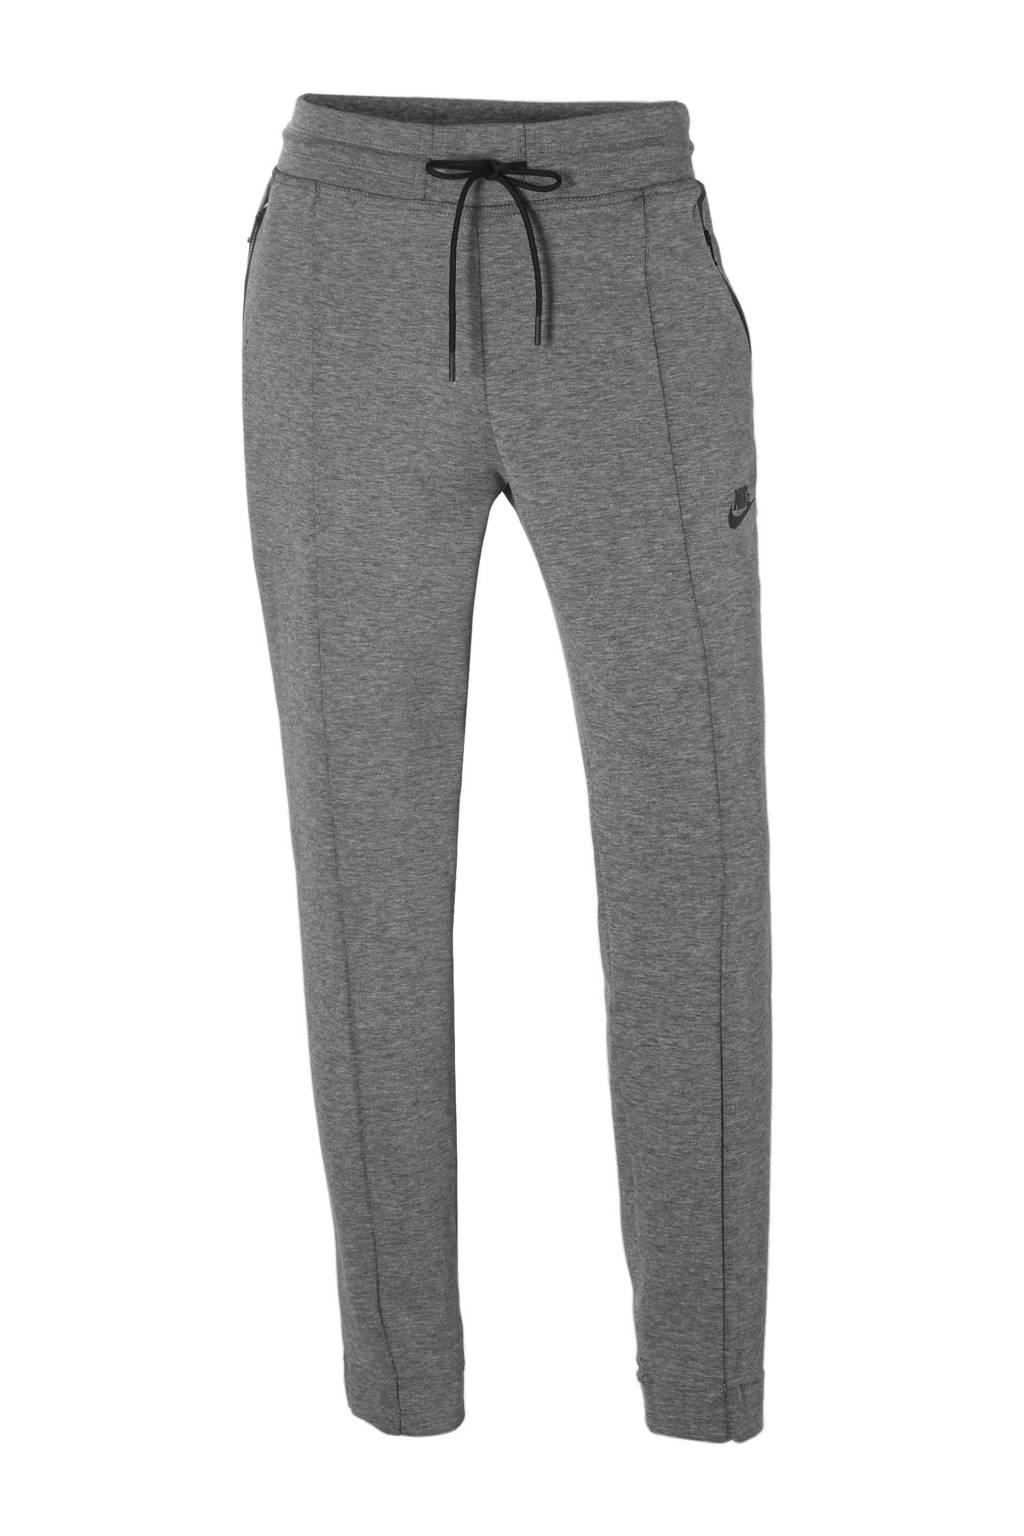 Joggingbroek Grijs Dames.Nike Tech Fleece Joggingbroek Wehkamp